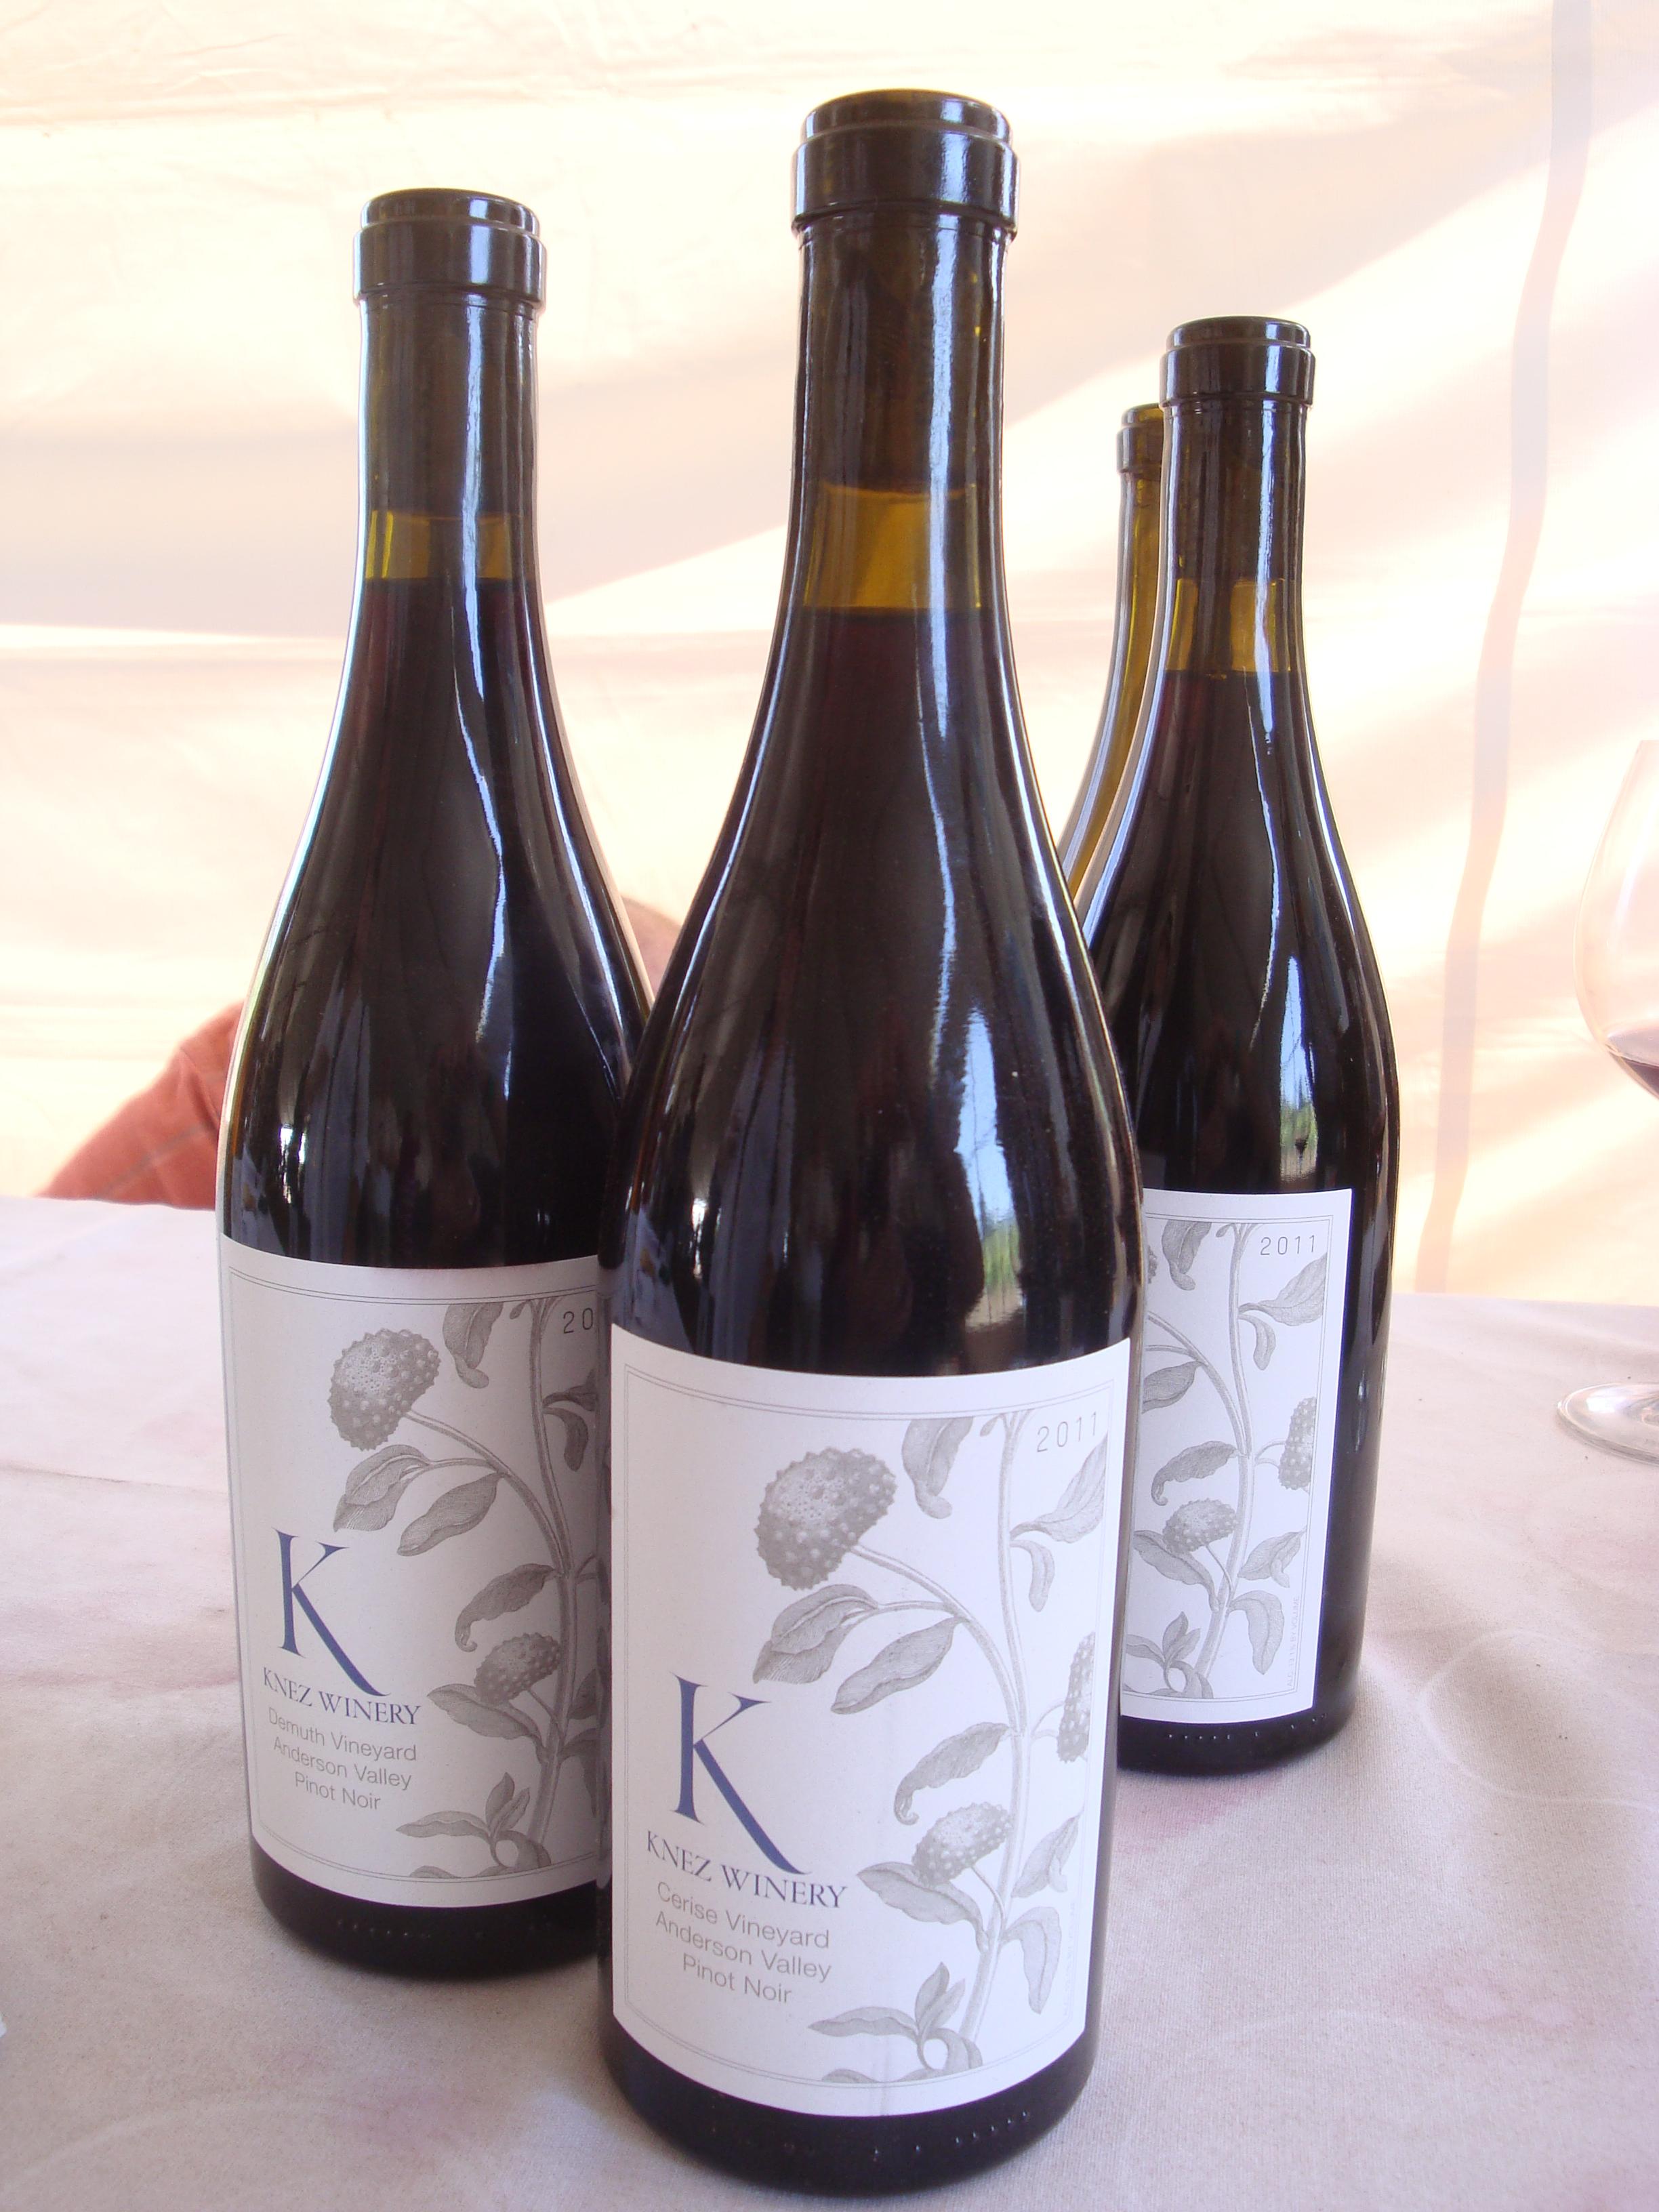 Knez Winery